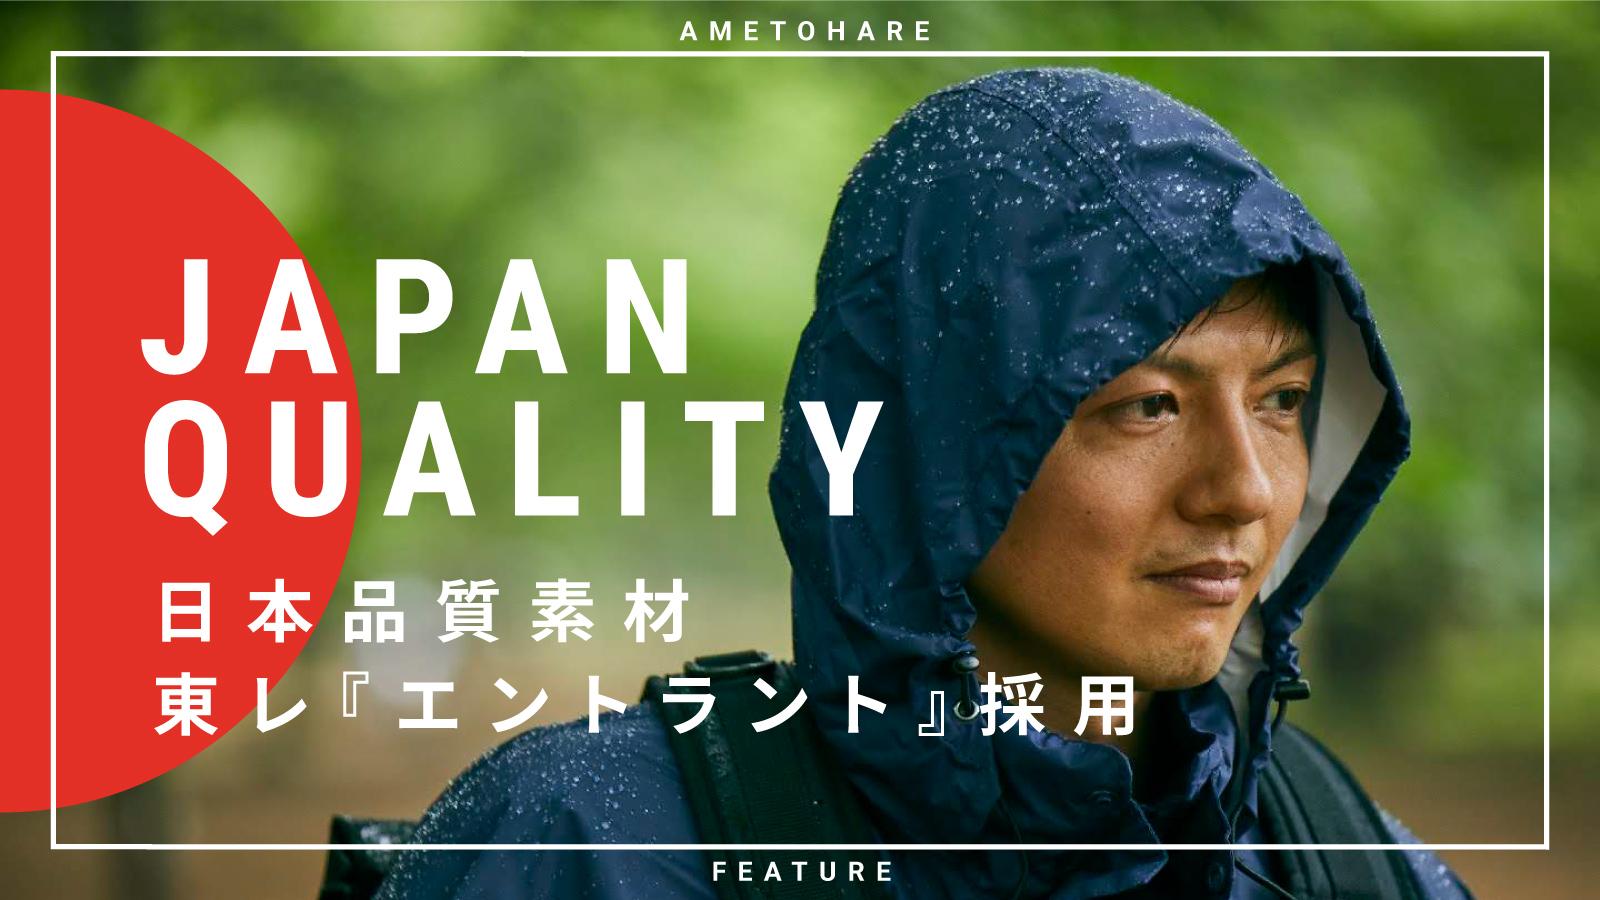 素材と作りがひと味ちがう、安心の日本品質